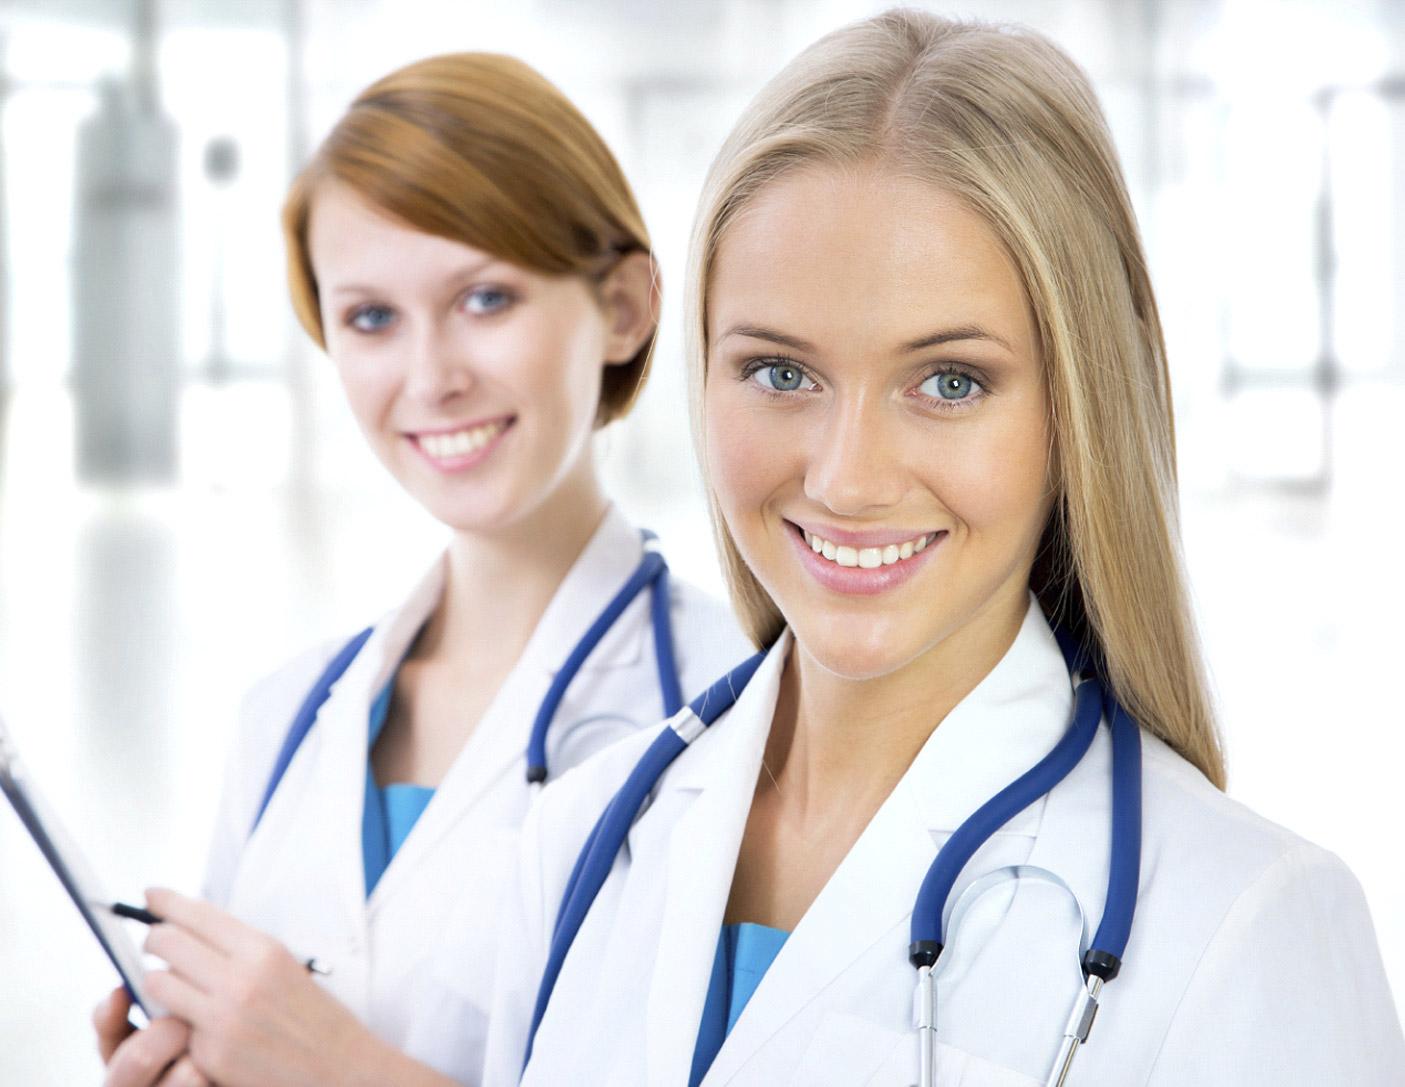 Médicos de la Clínica E.M.E.C.E en Mallorca